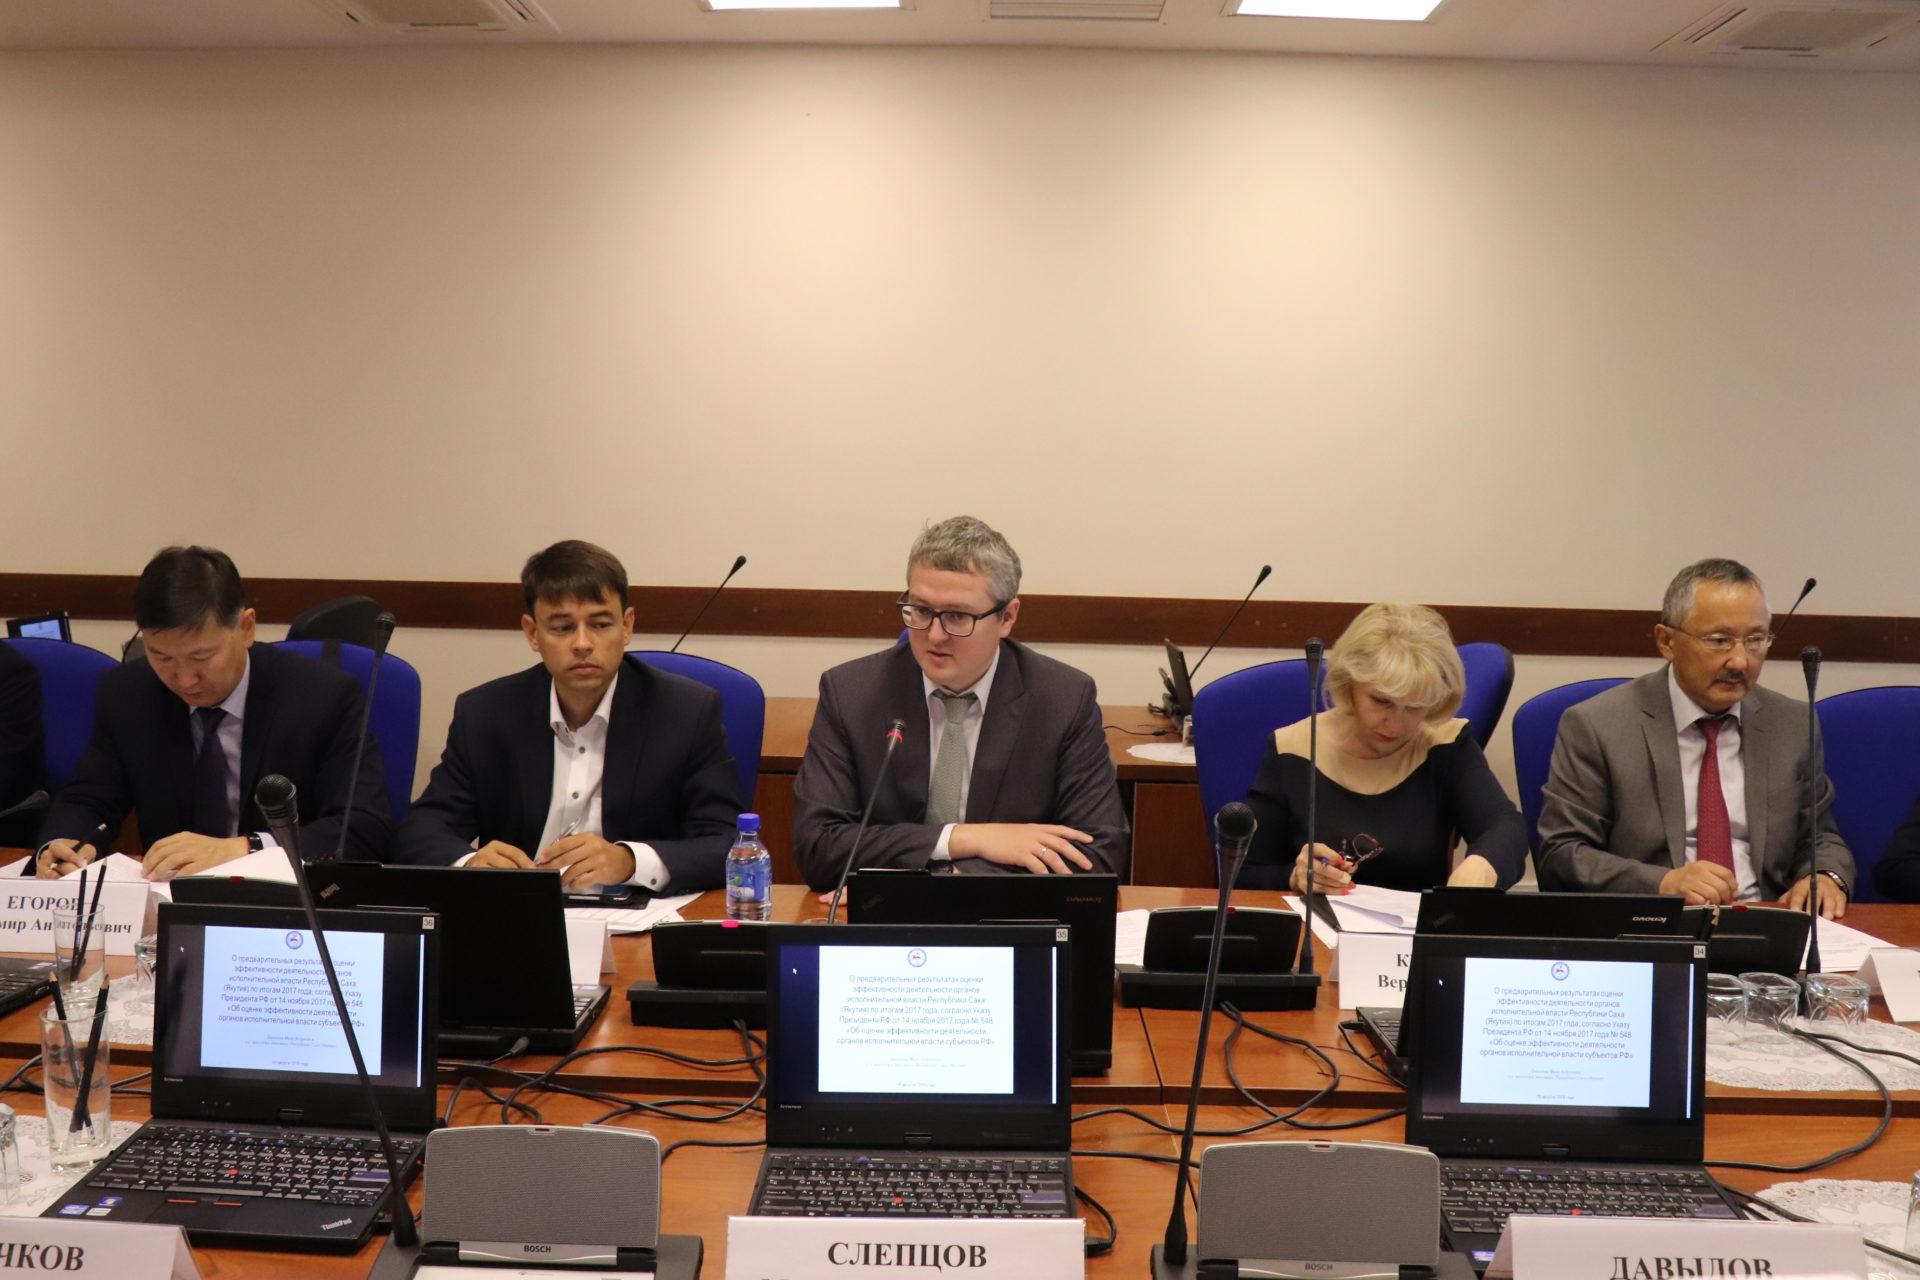 Обсуждена эффективность деятельности органов исполнительной власти Якутии по итогам 2017 года